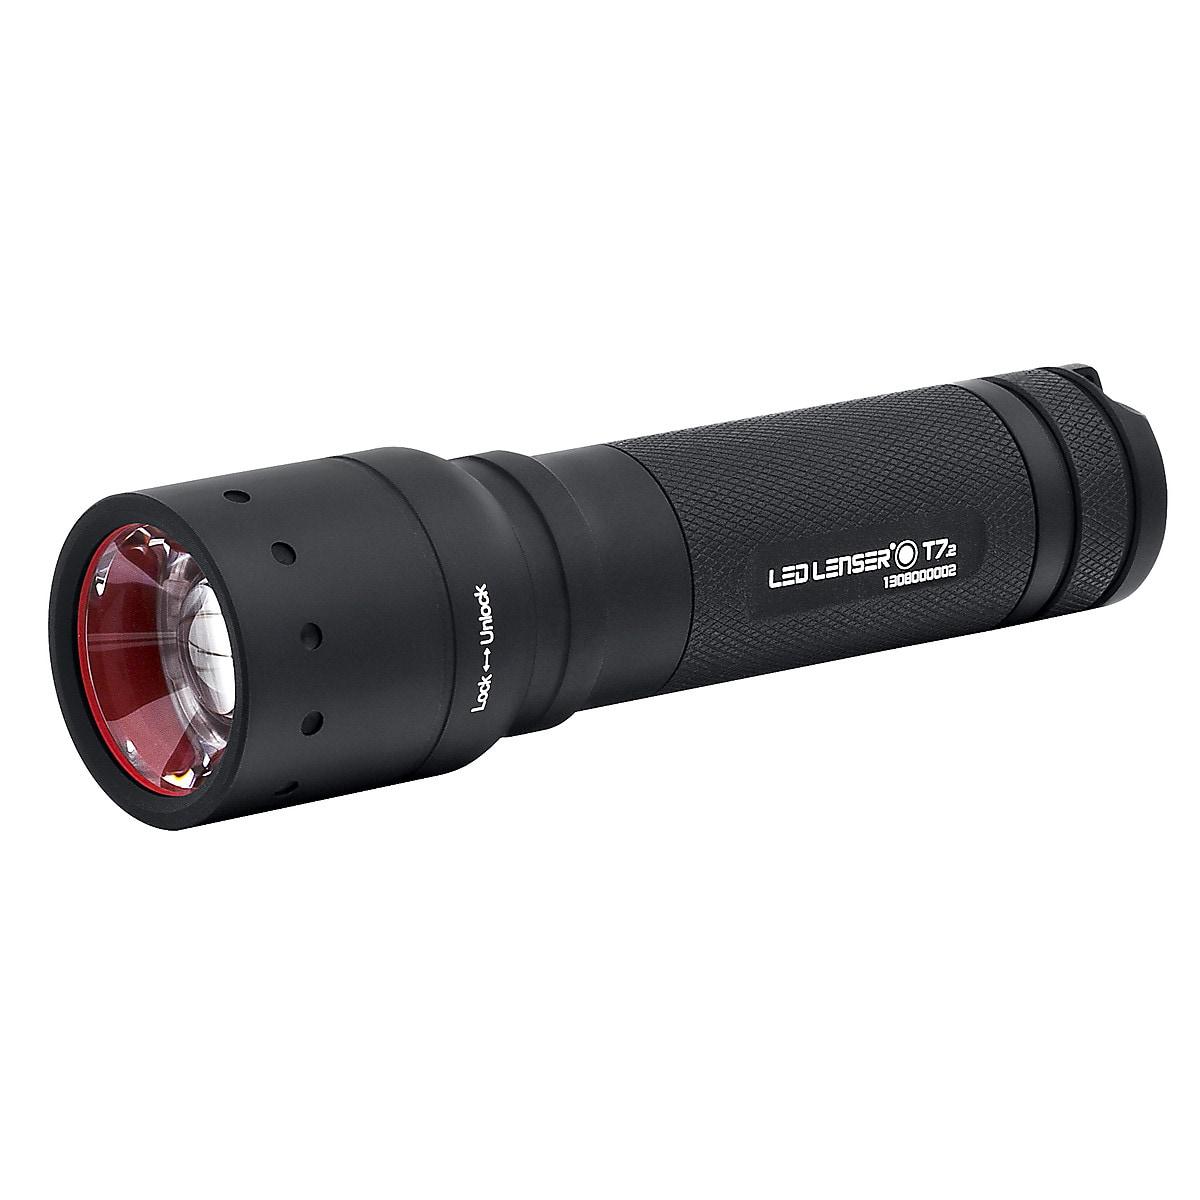 Ficklampa Ledlenser T7.2